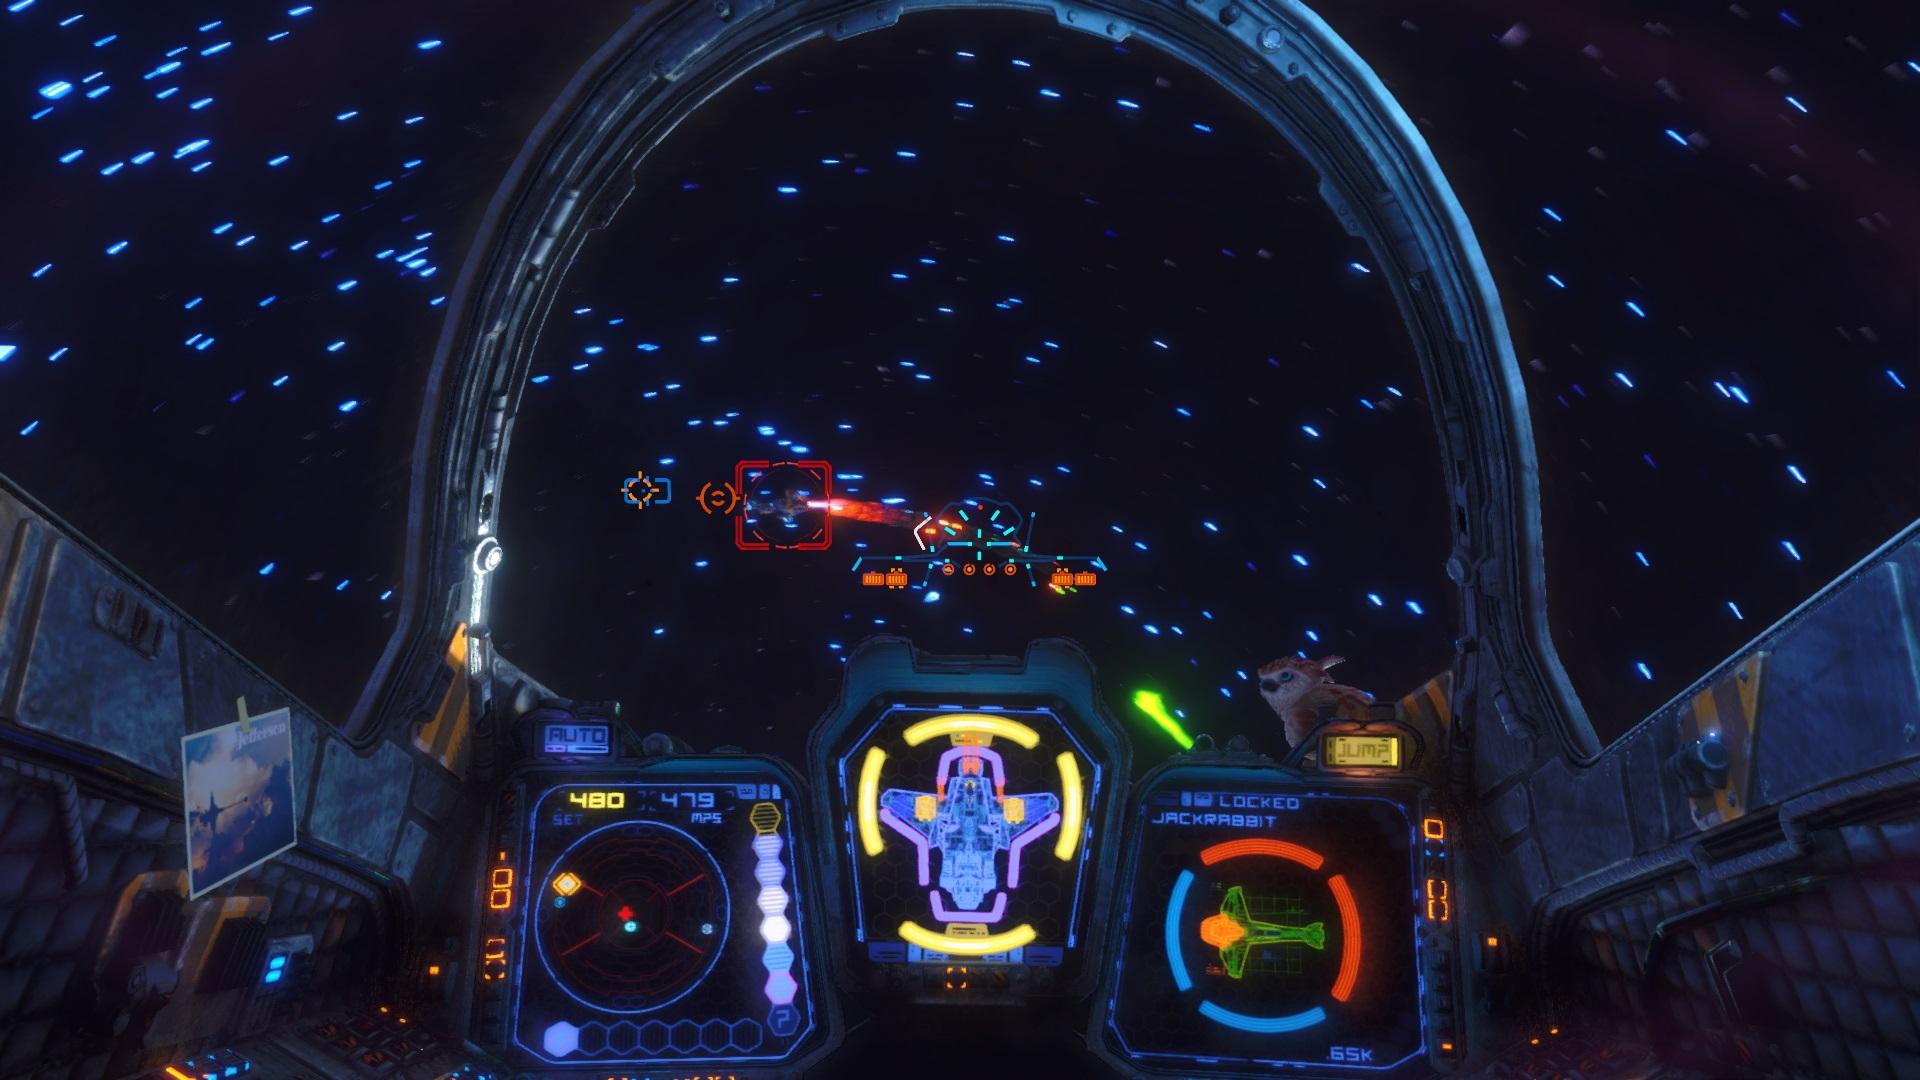 Rebel galaxy Outlaw cockpit